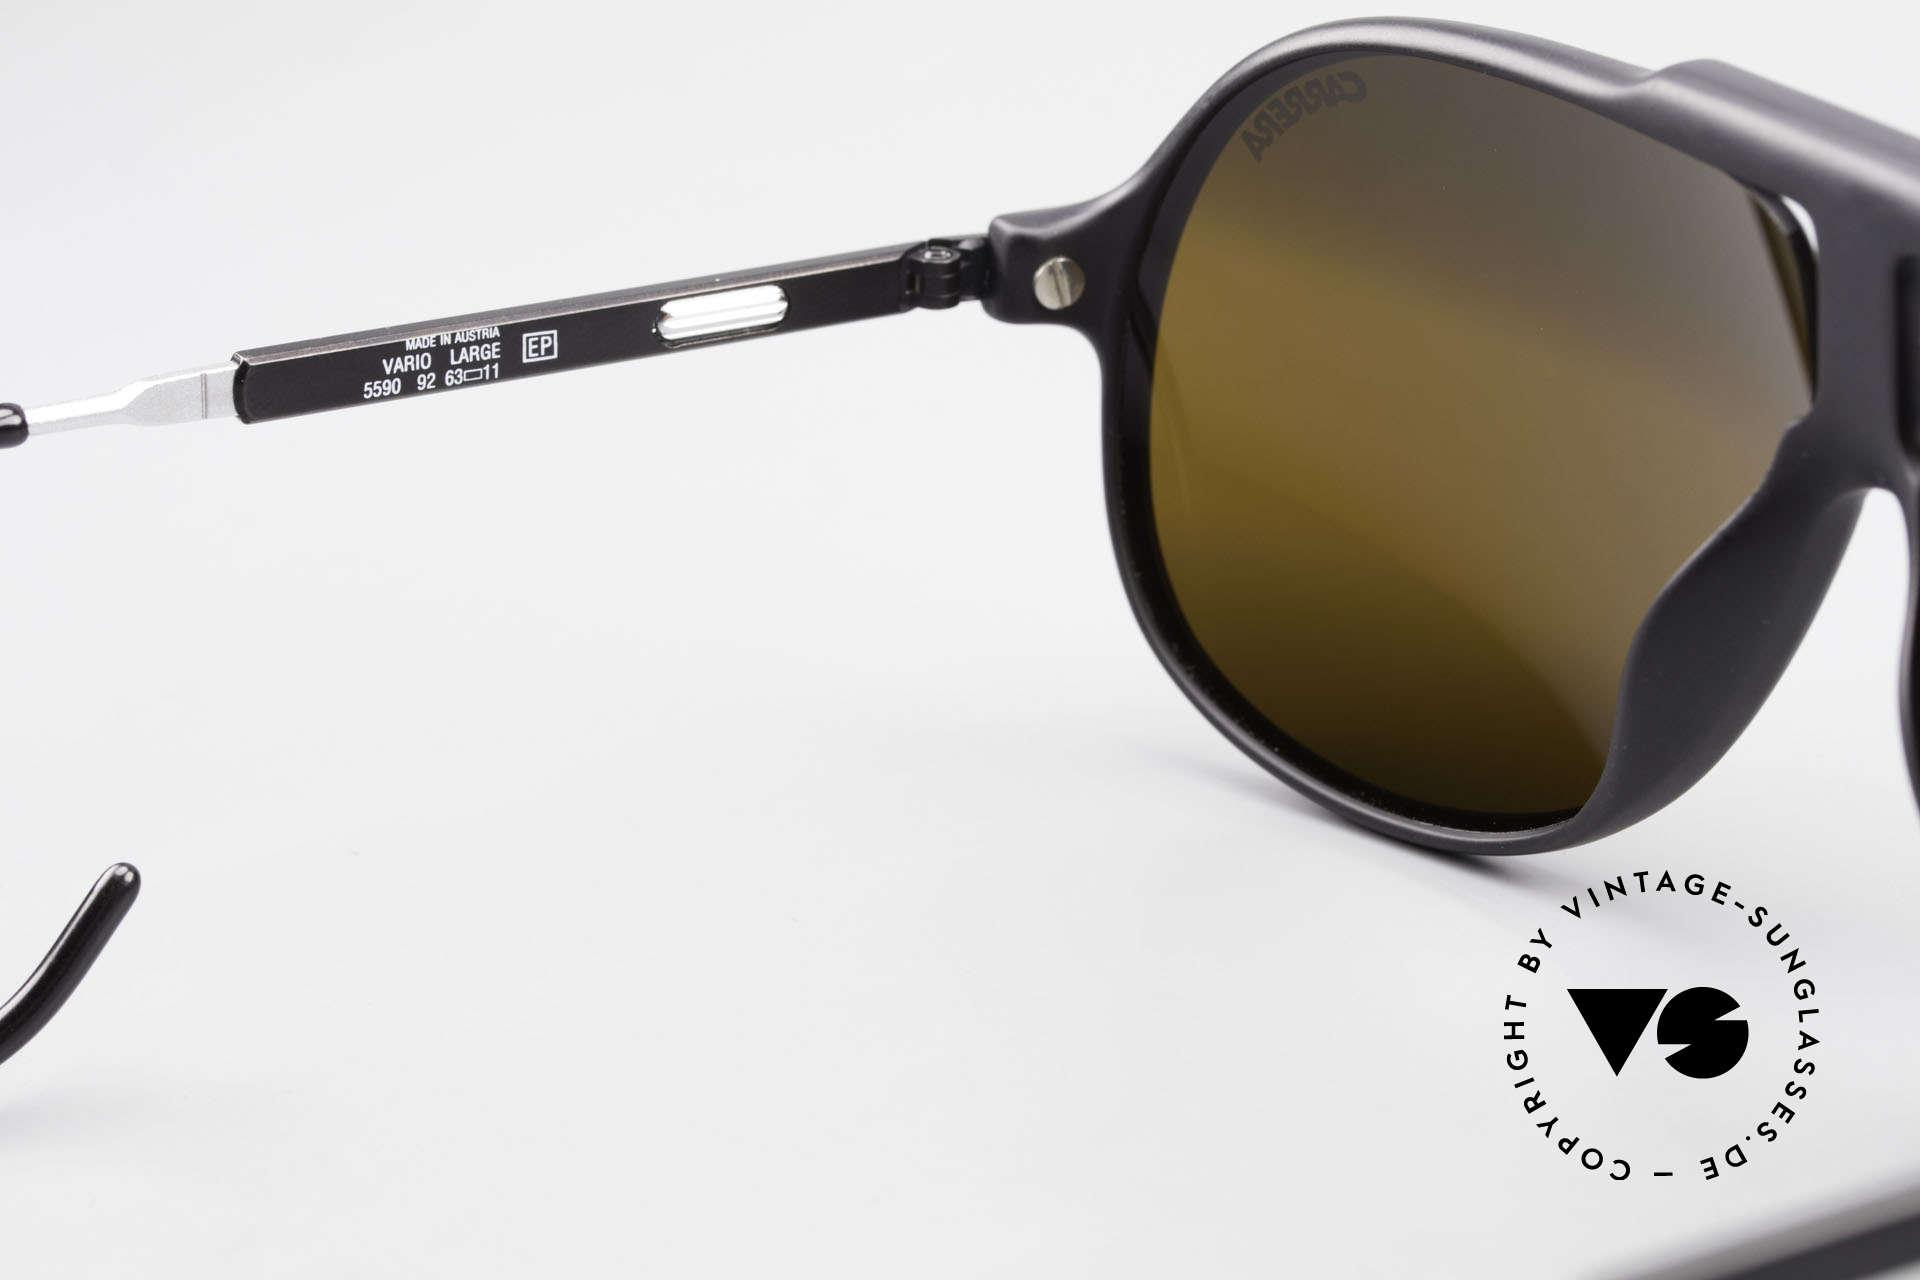 Carrera 5590 Verspiegelt Vario Sportbügel, KEINE Retrobrille; ein mind. 30 Jahres altes ORIGINAL!, Passend für Herren